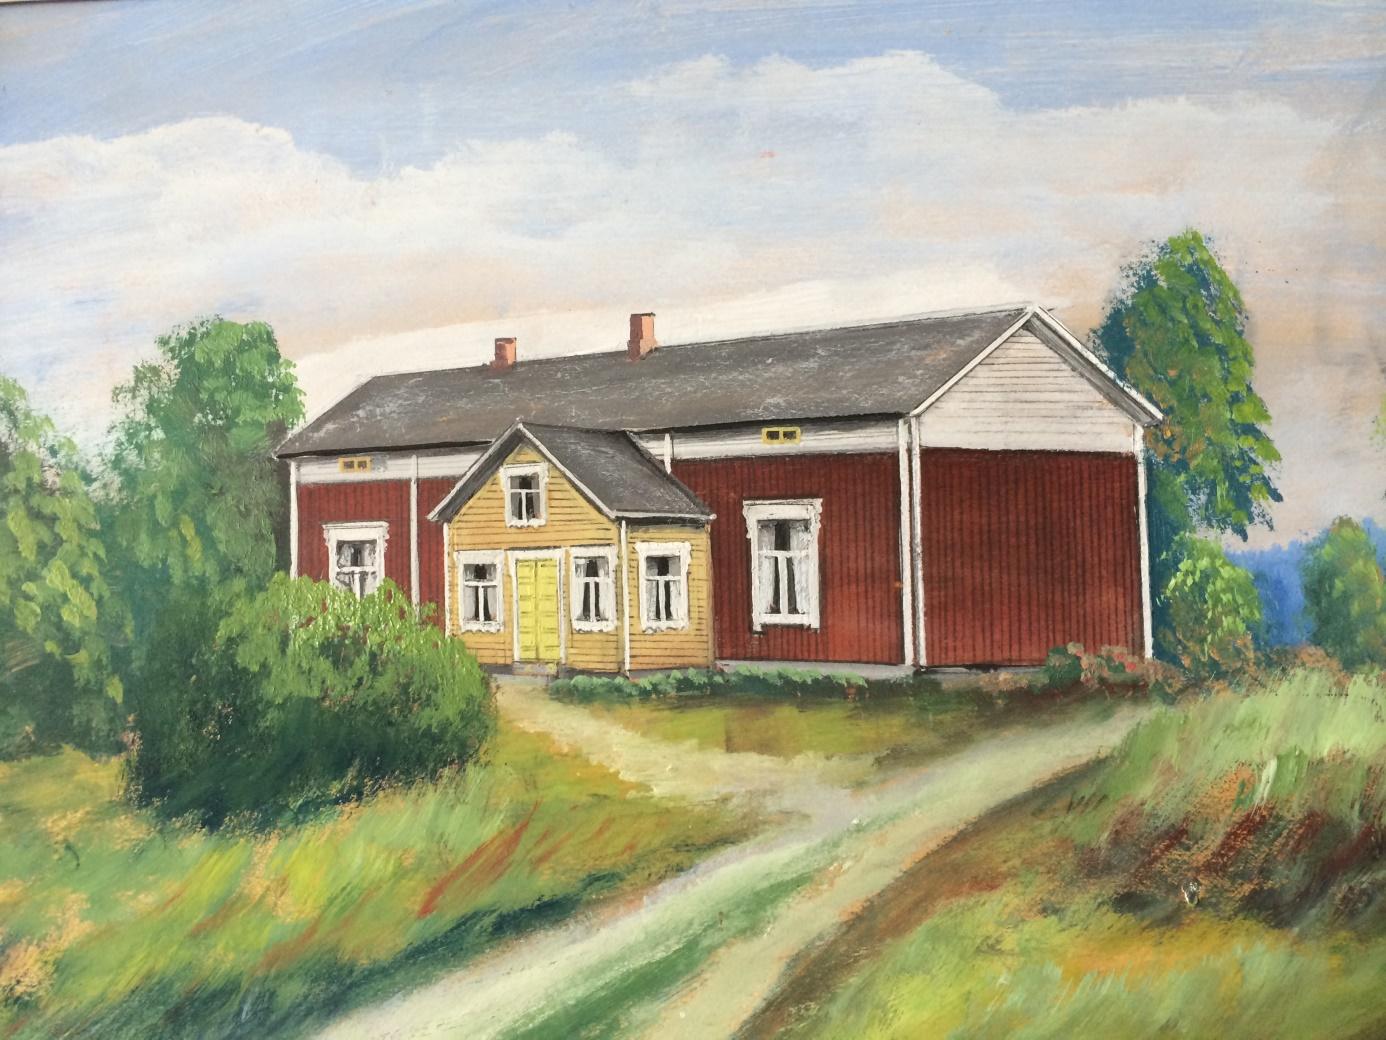 Så här såg gården ut från nordväst enligt konstnären Rosblom.